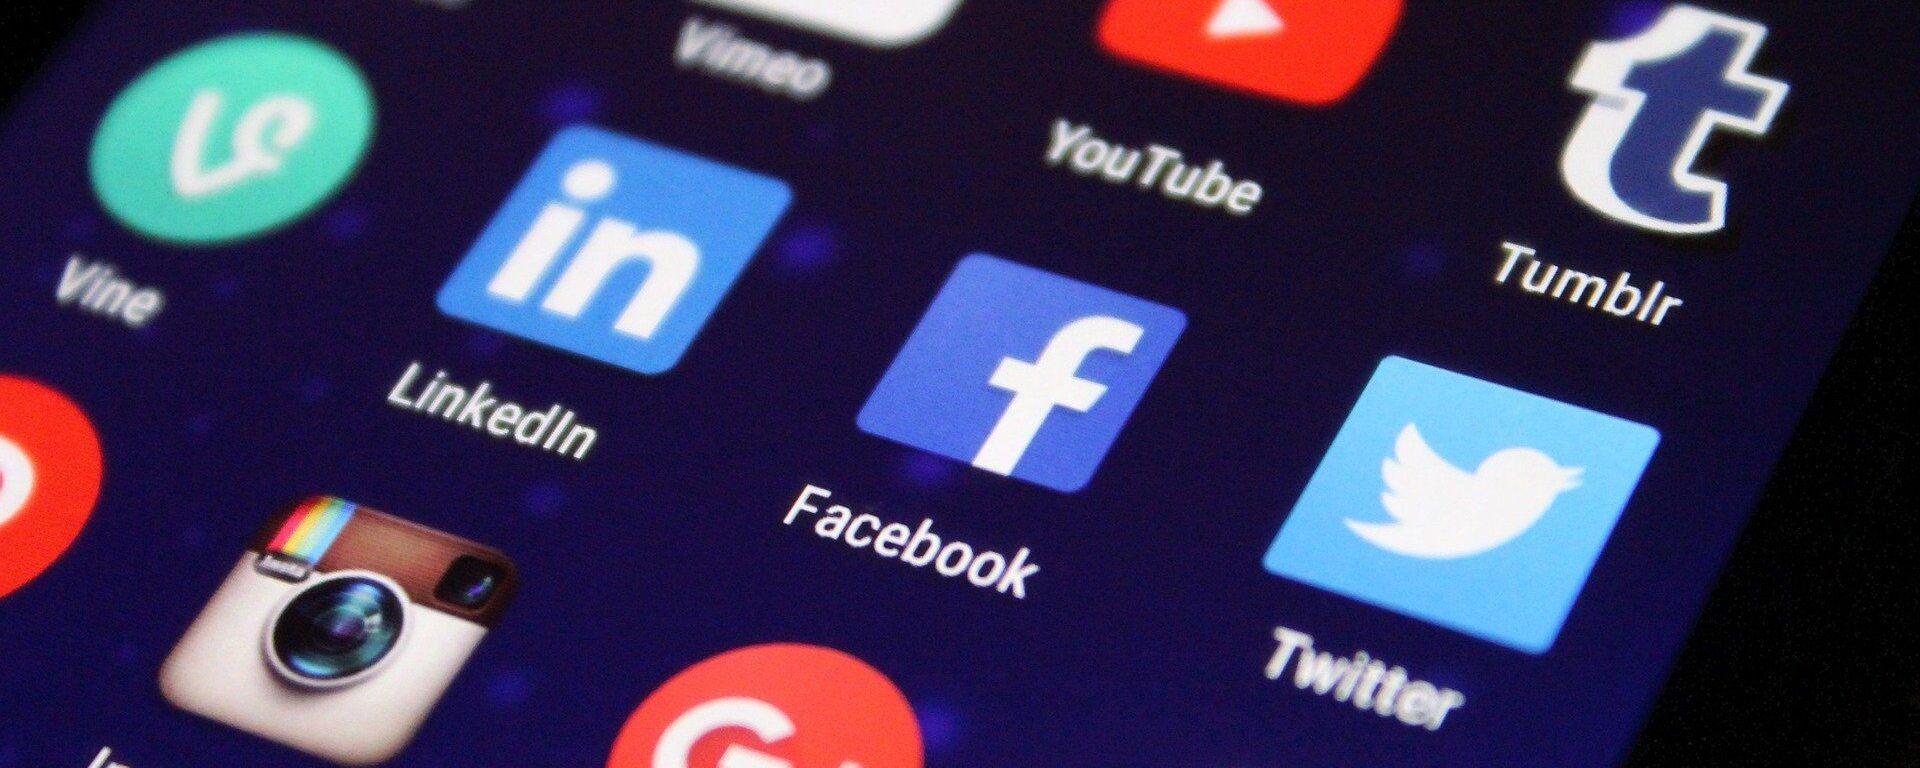 Íconos de unas redes sociales en un teléfono, referencial - Sputnik Mundo, 1920, 01.02.2021